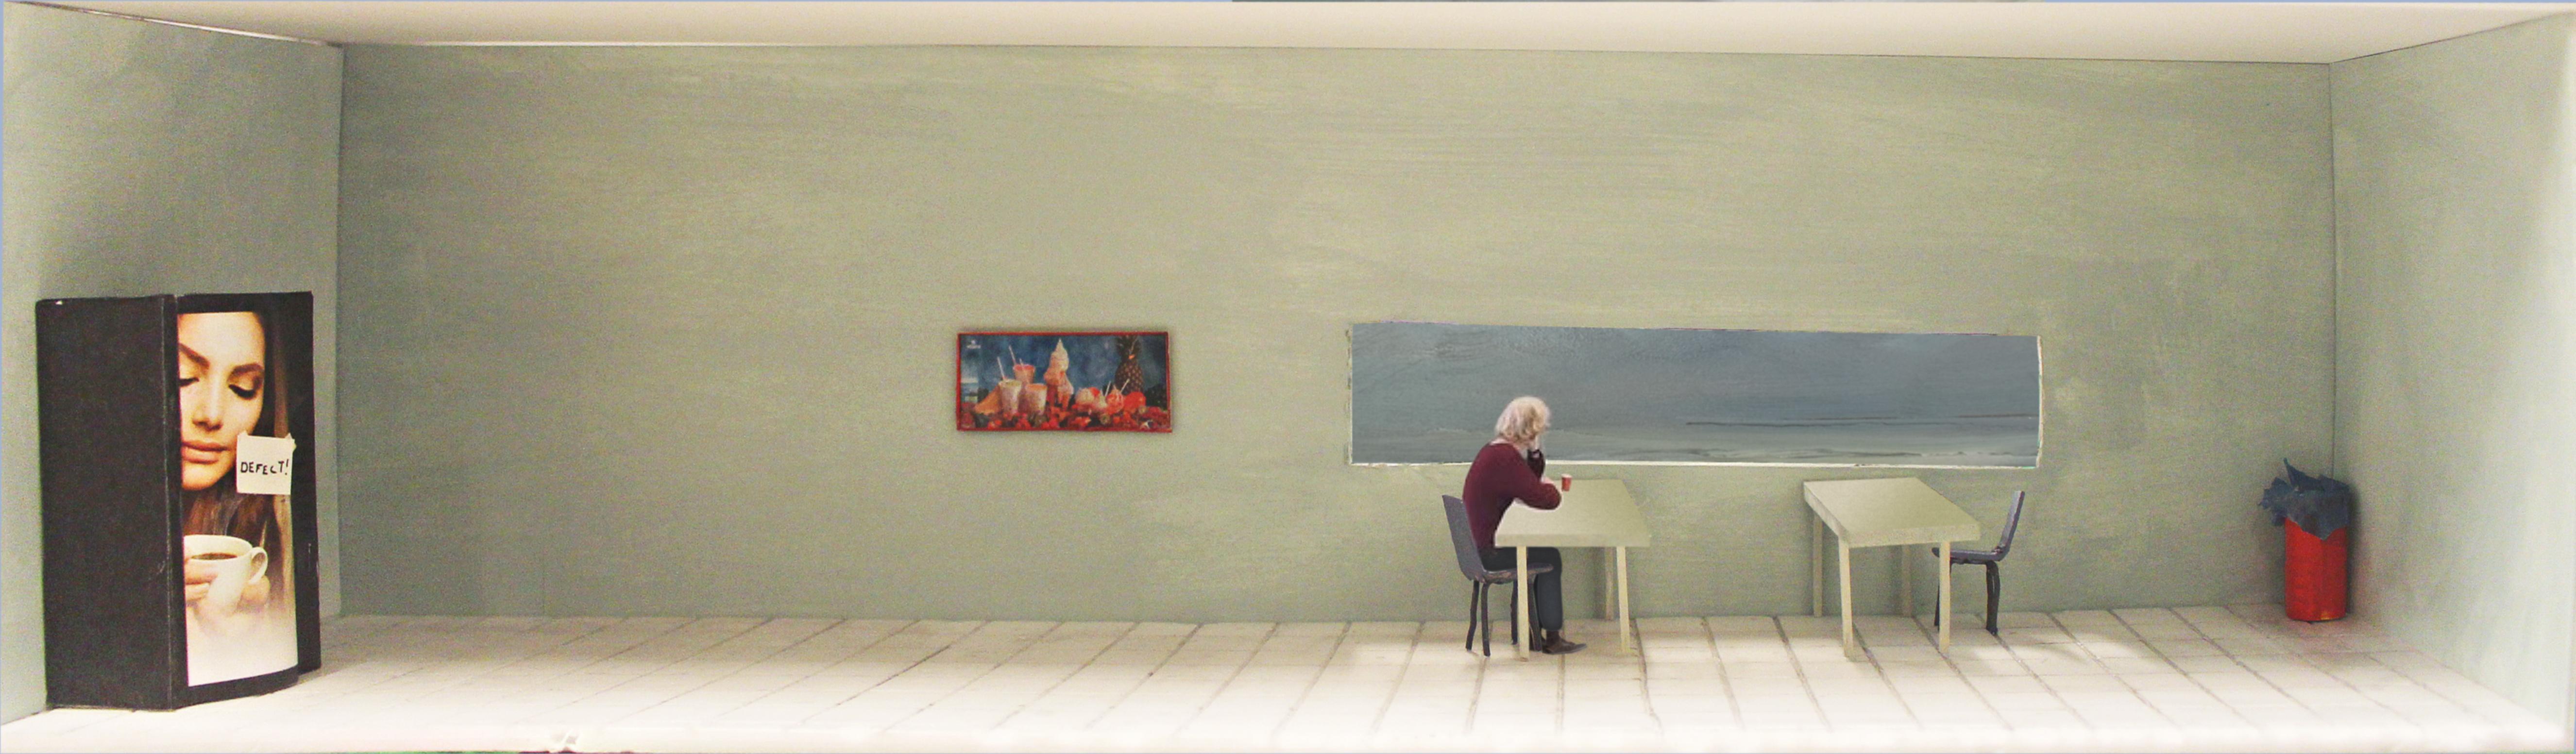 Soelaas – Anna Reerds